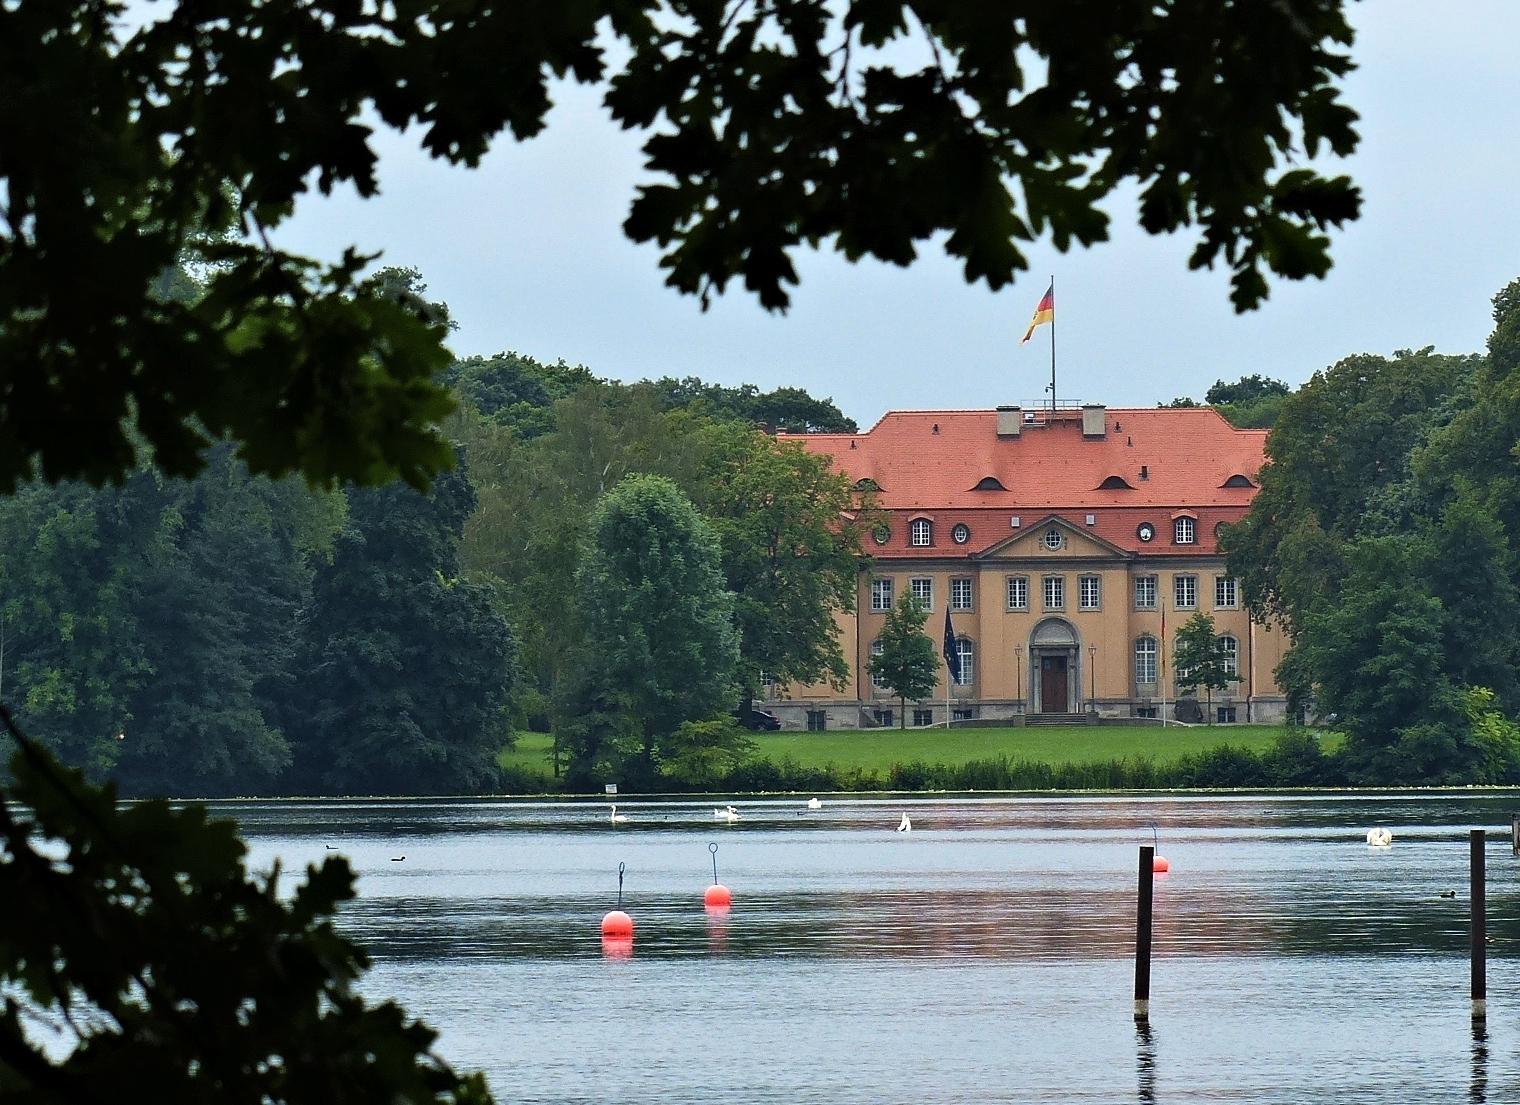 Villa Borsig lädt ein: Infos über den Auswärtigen Dienst